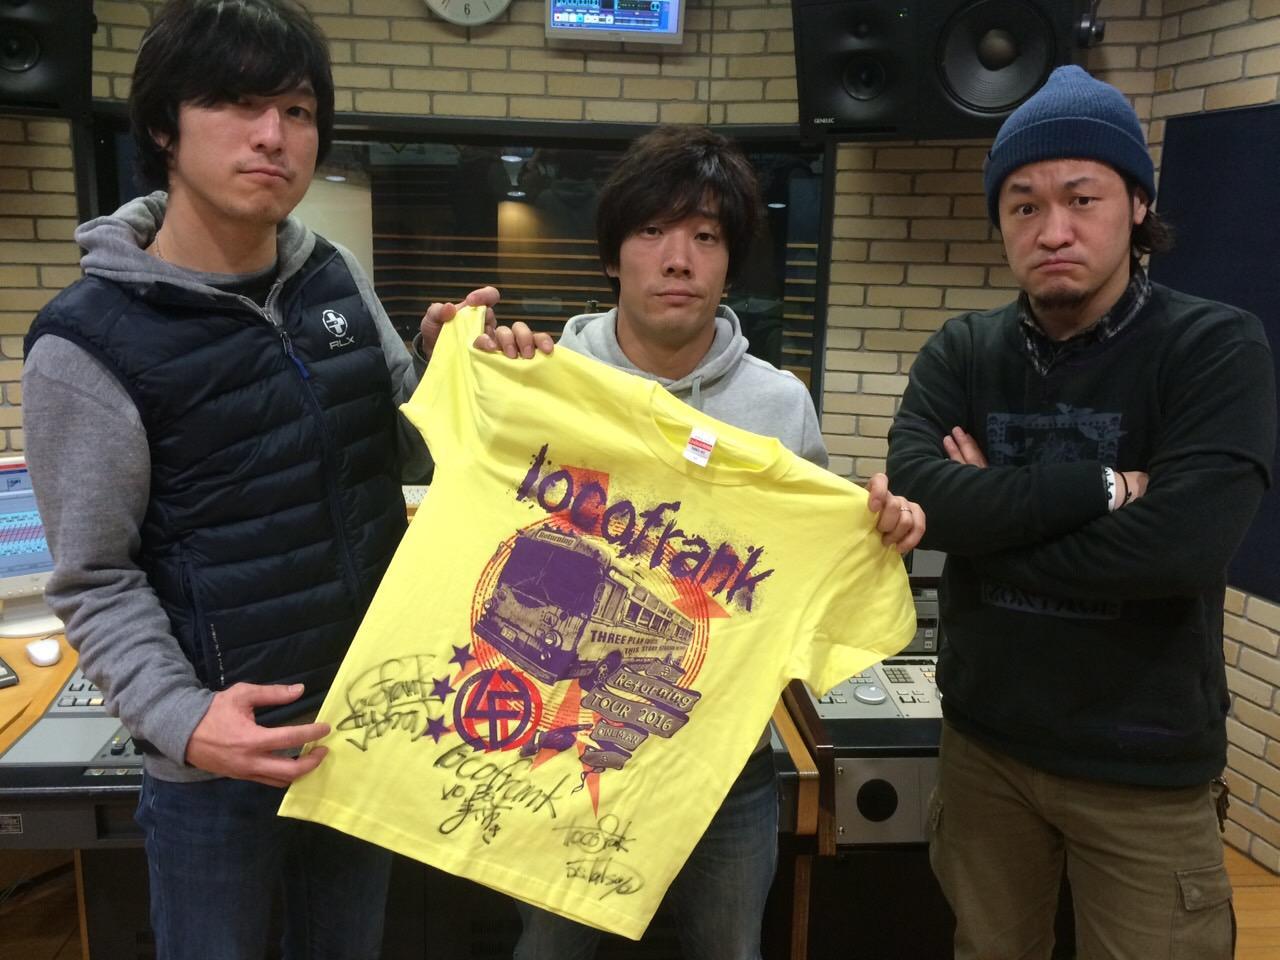 画像 2016.03.12【Present】 locofrank メンバー全員サイン入り「Returning」